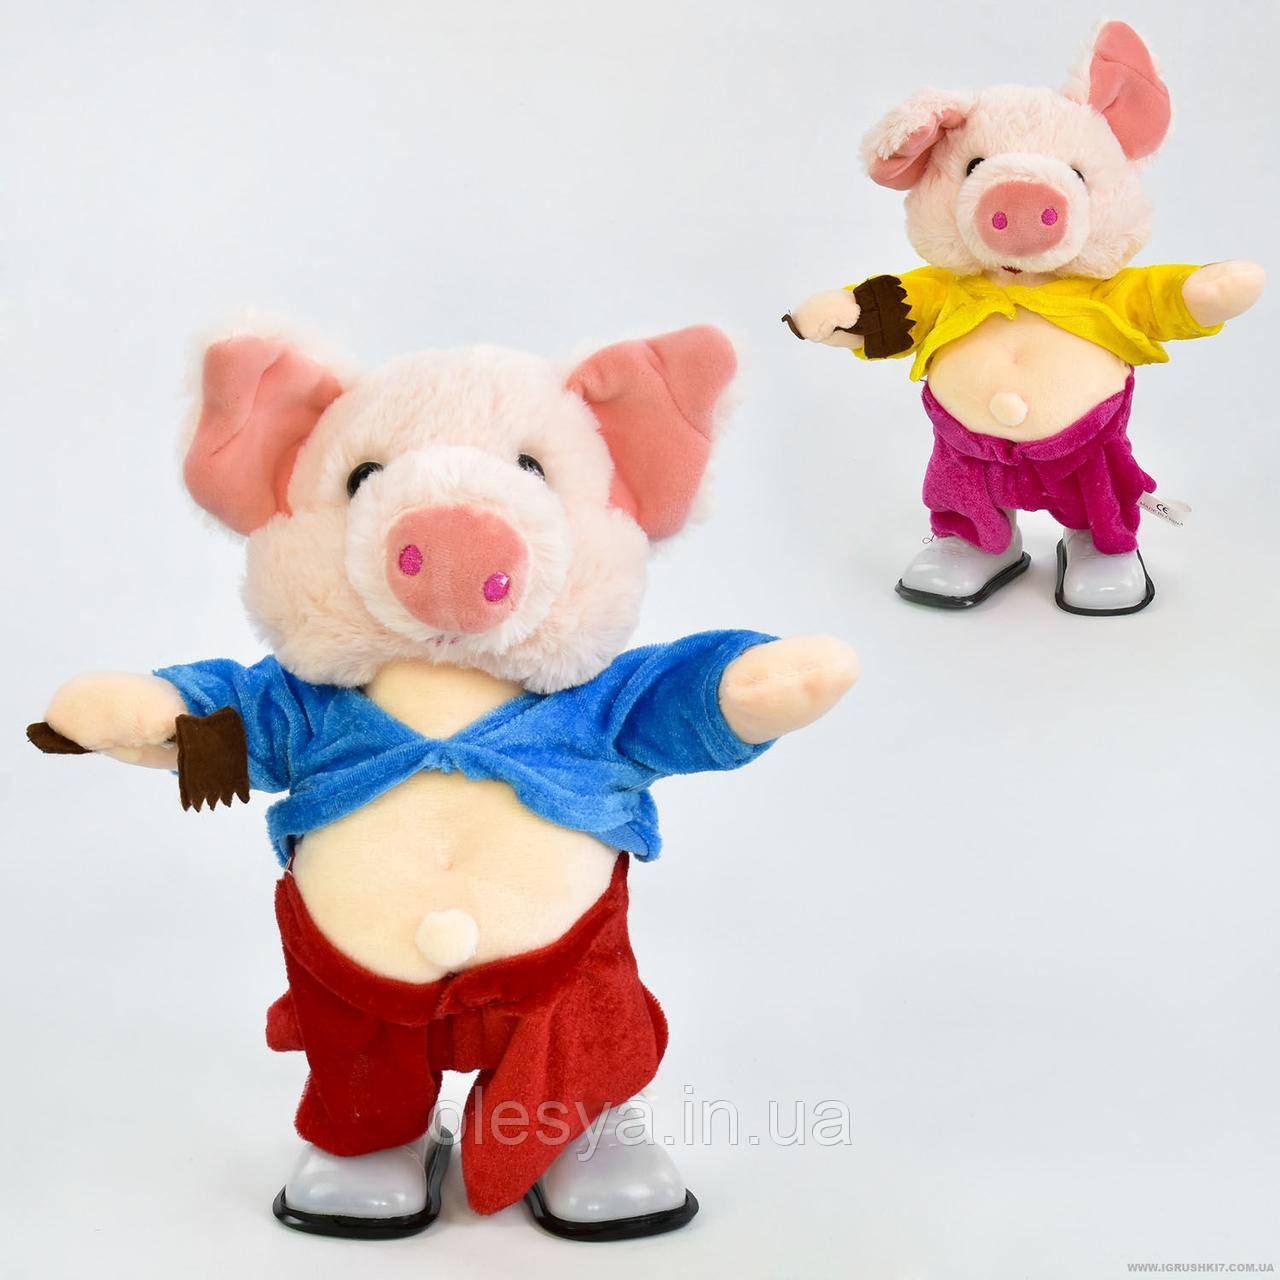 Музыкальная игрушка Свинка 30 см -ходит, танцует, поет  песни